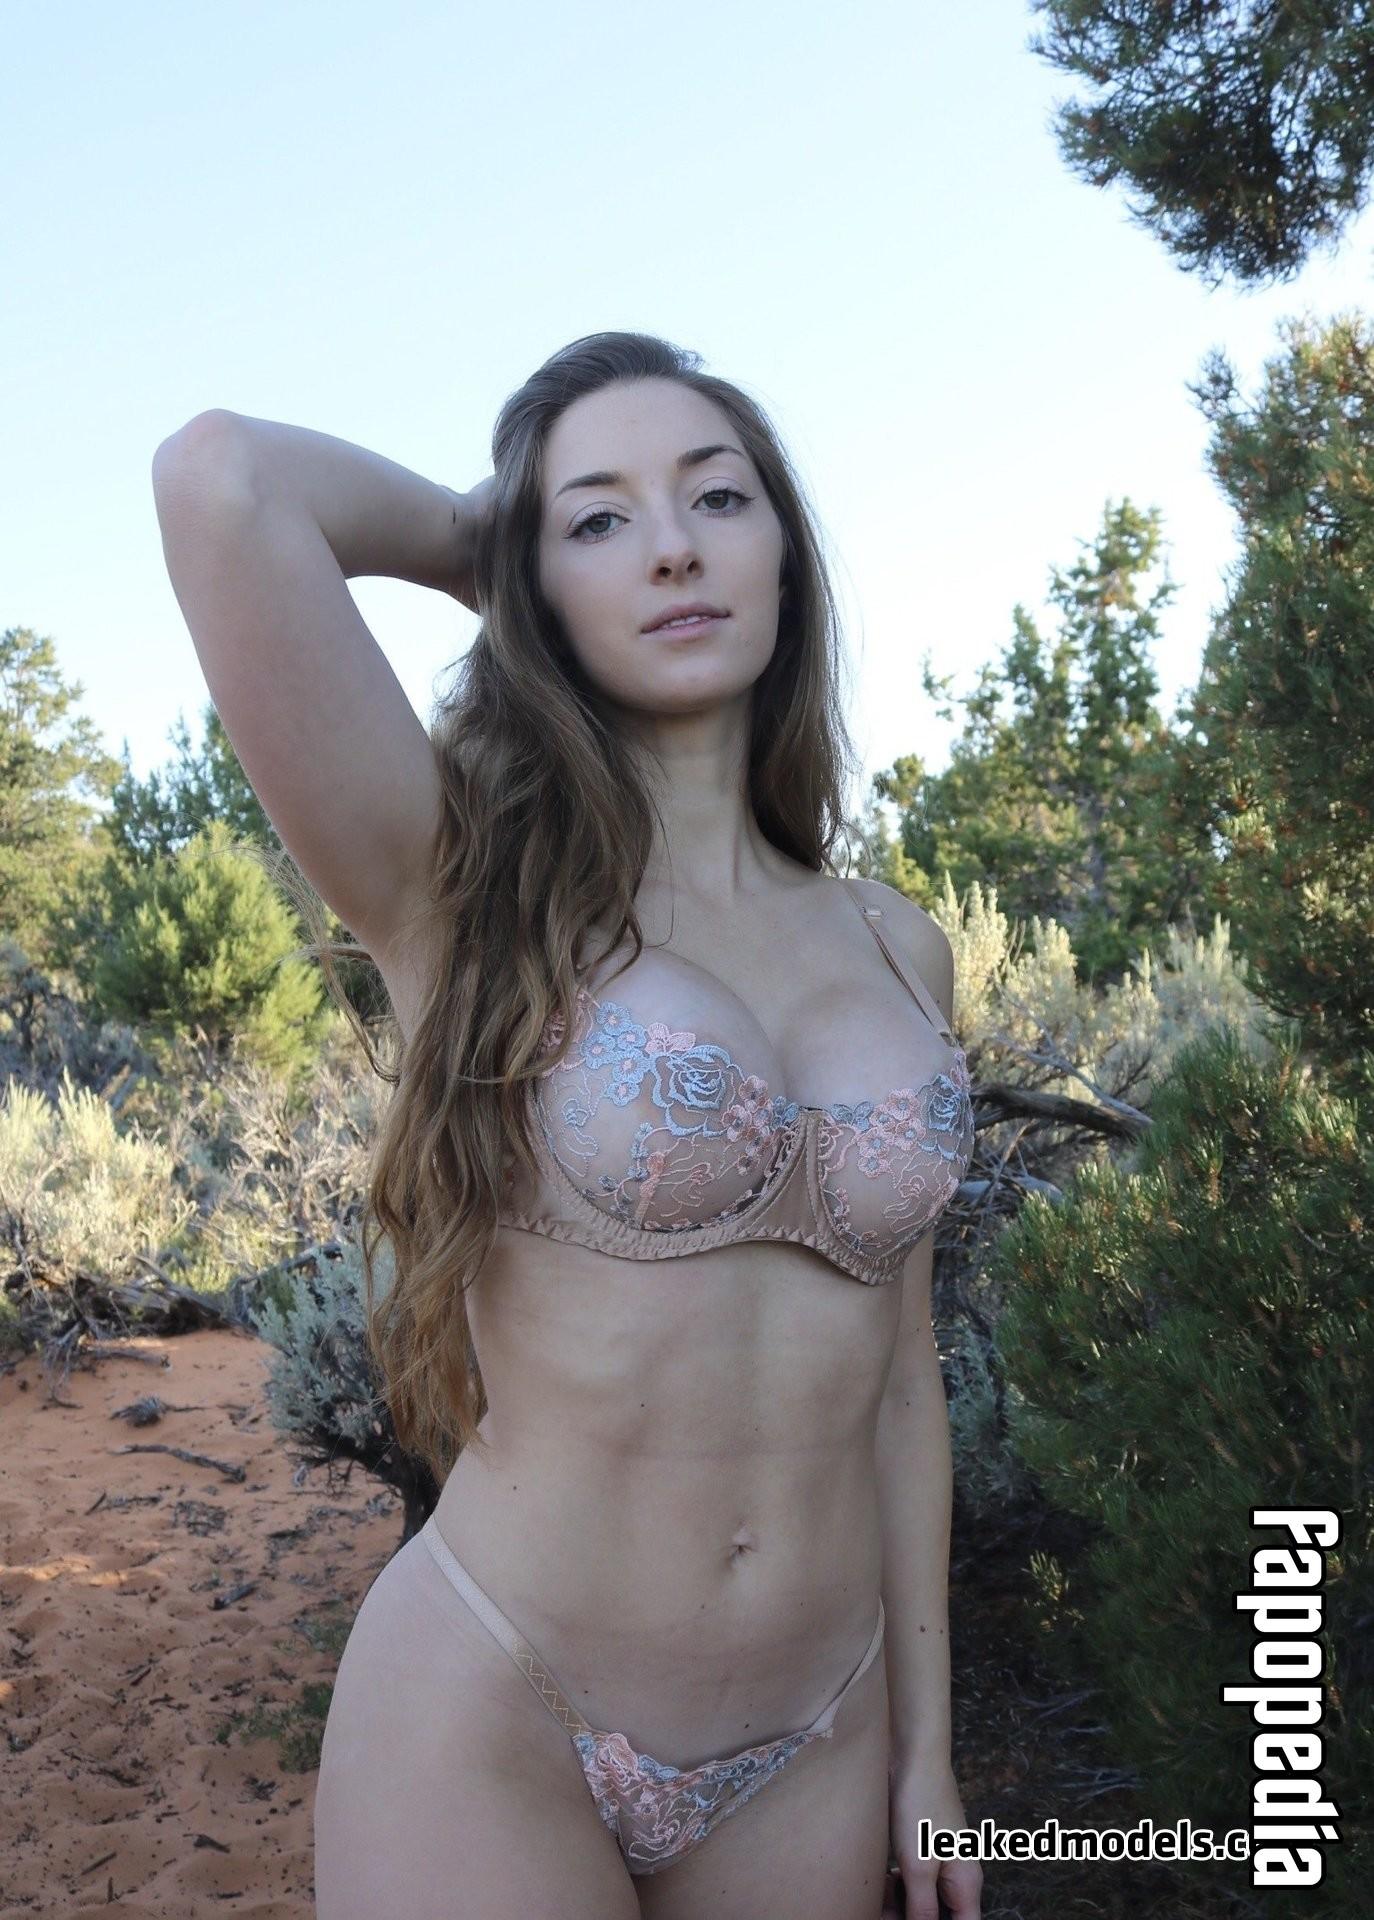 Abbyopel Nude OnlyFans Leaks Patreon Leaks